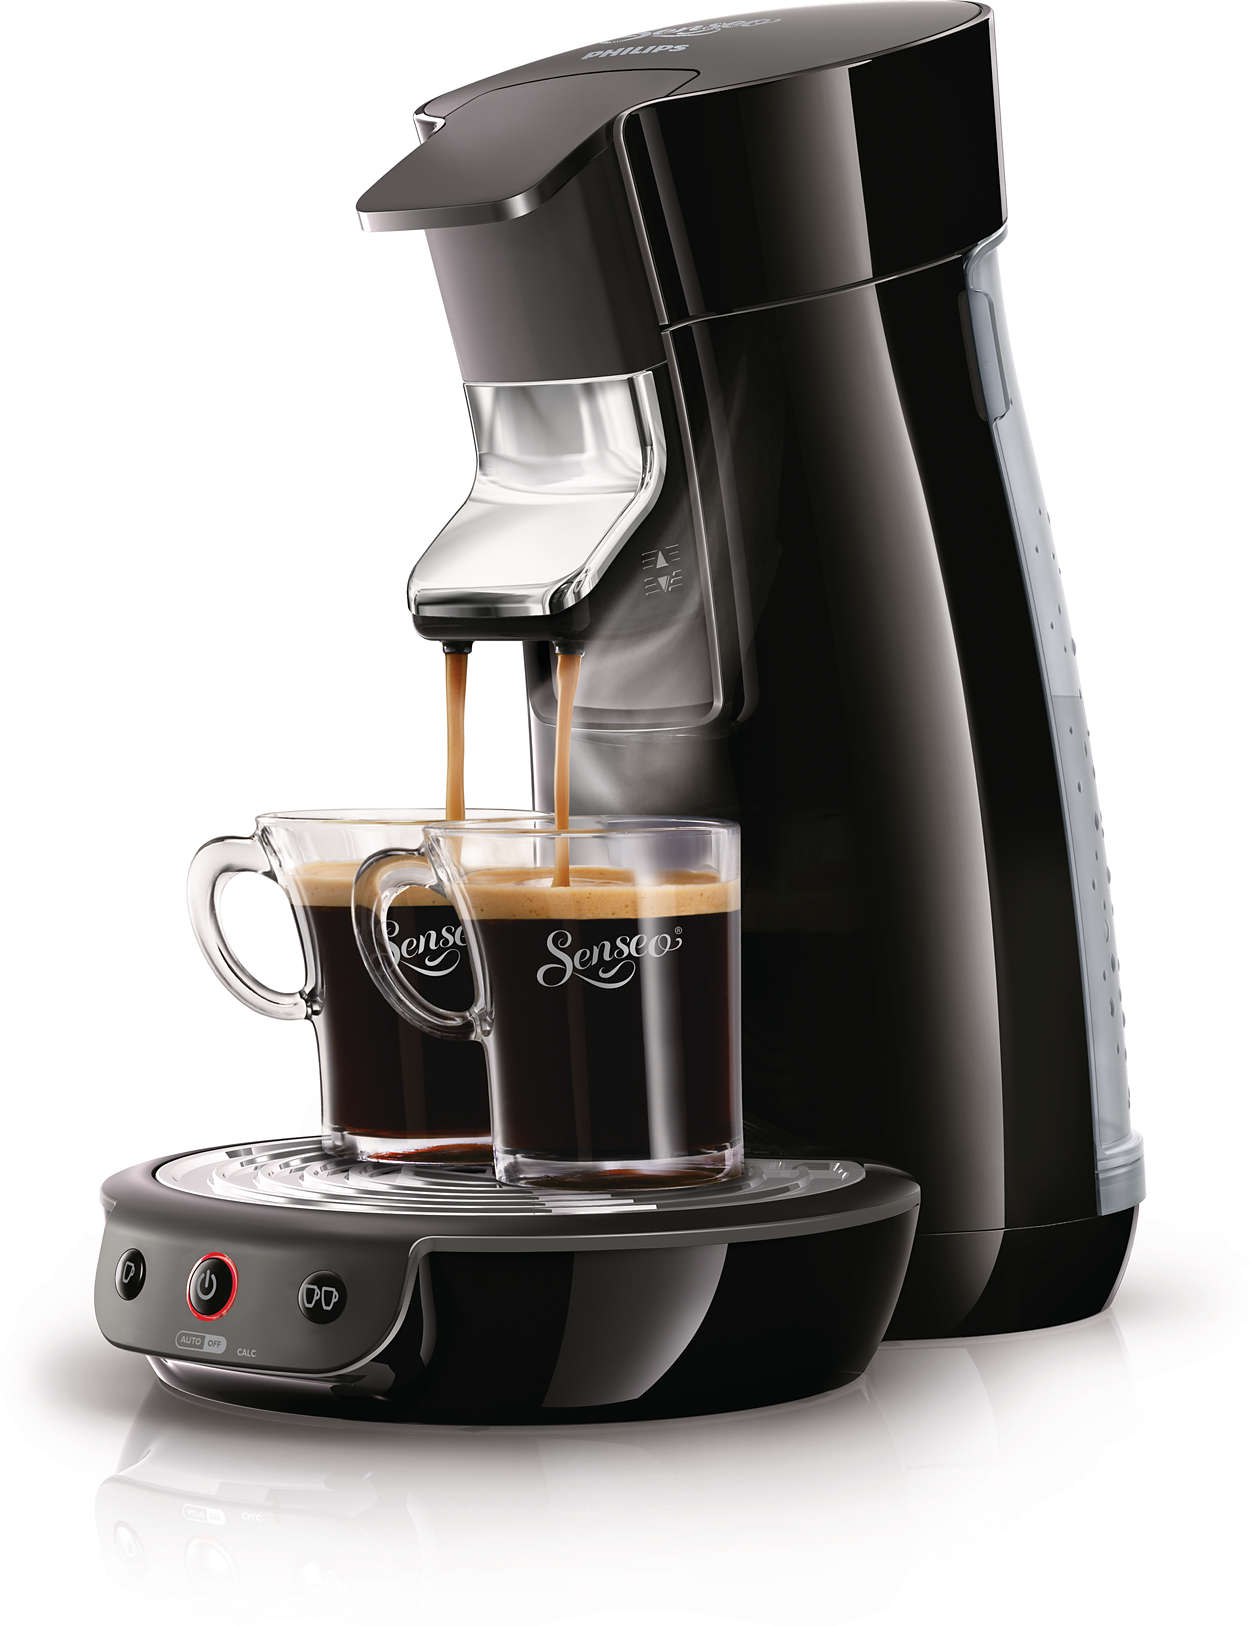 Un caffè delizioso premendo un solo pulsante